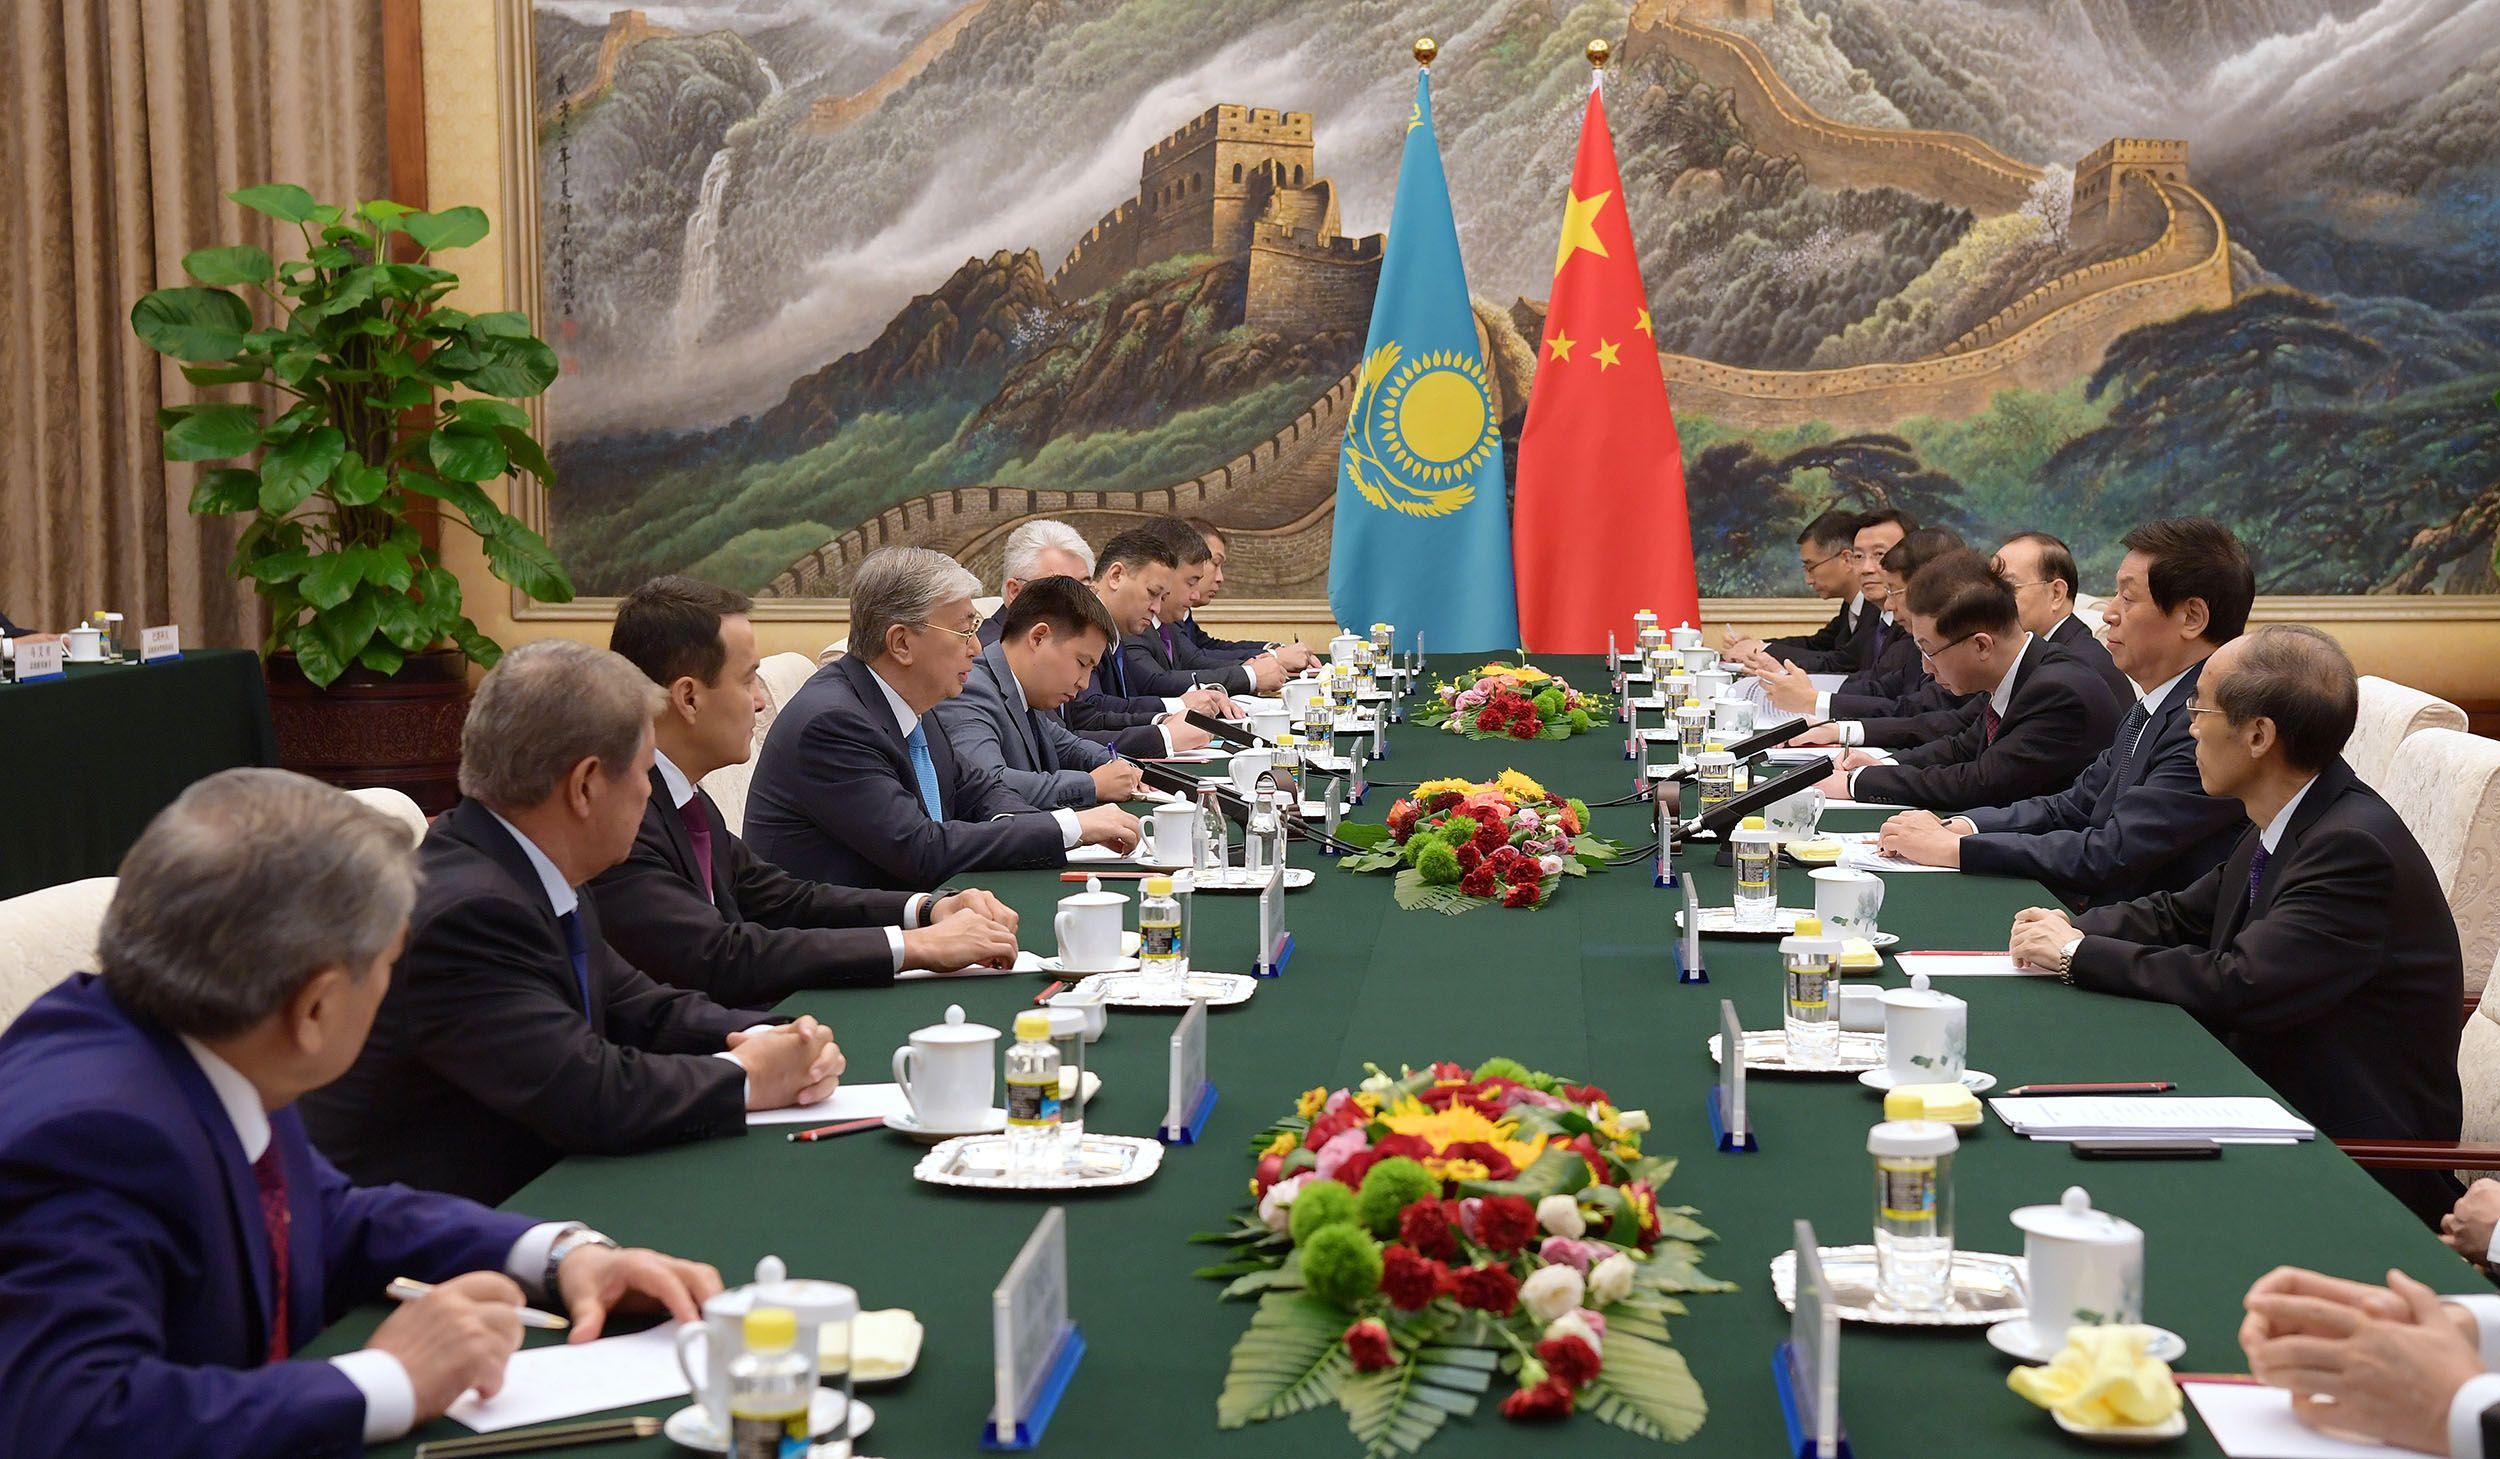 В столице состоится IV совещание спикеров парламентов Евразии- Kapital.kz